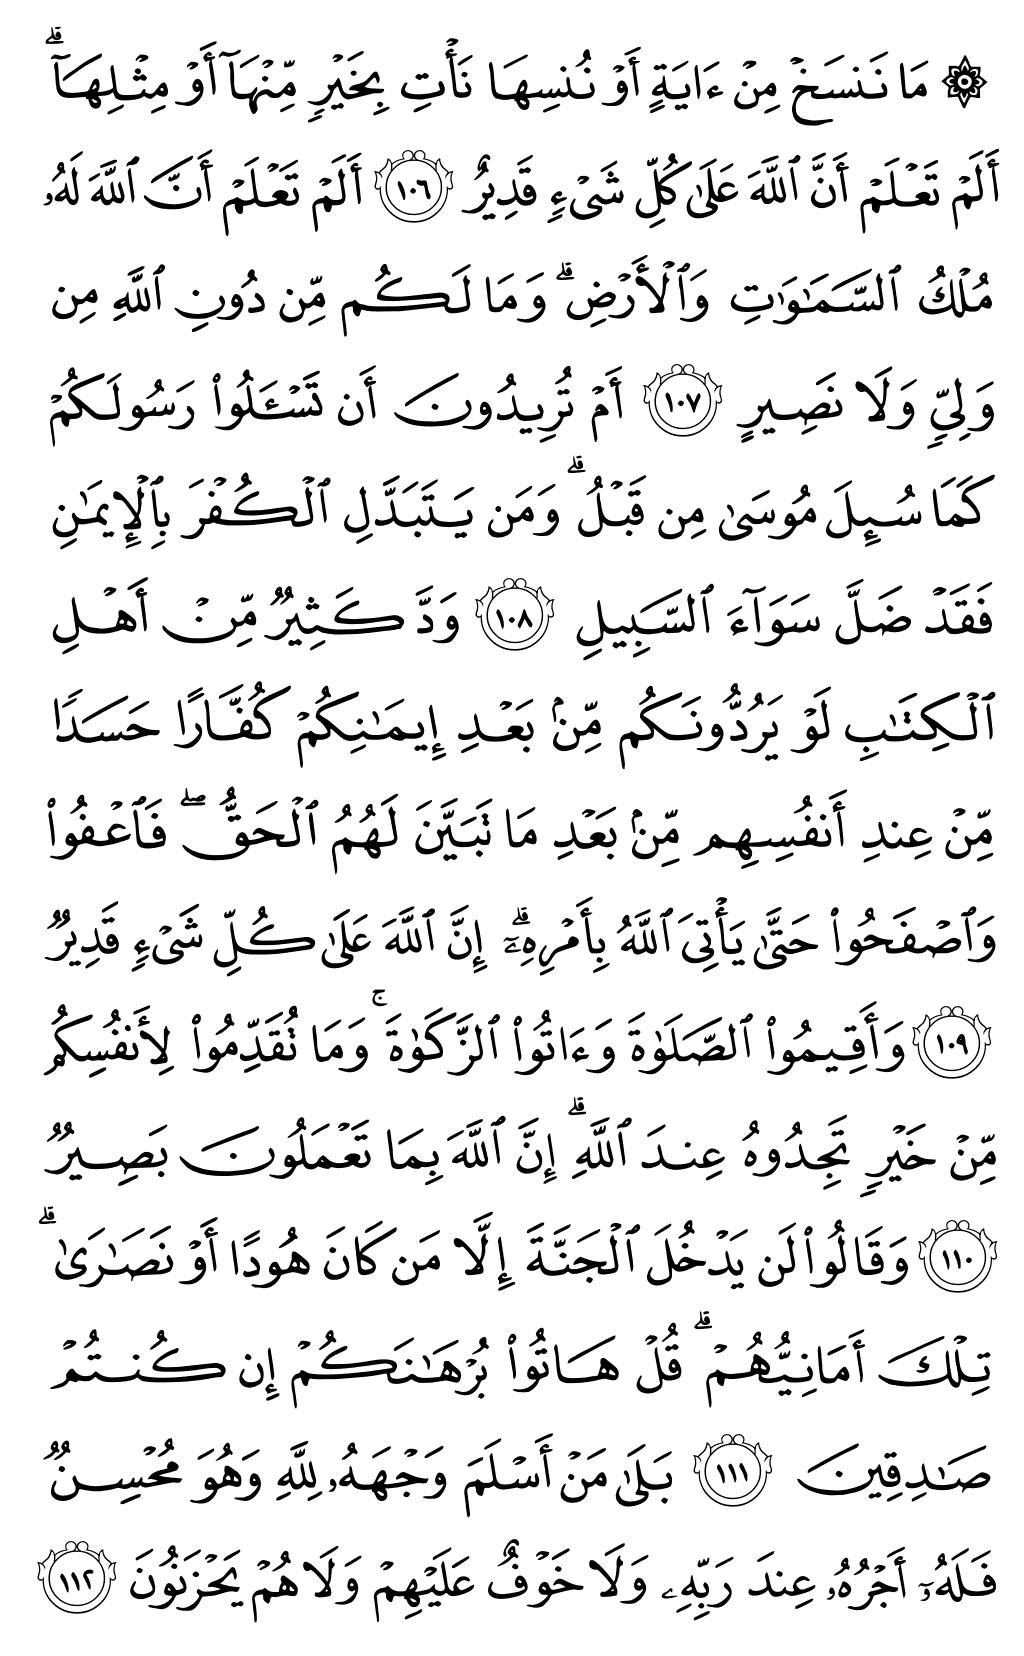 Al Baqarah 106 112 The Noble Qur An Juz 1 Page 17